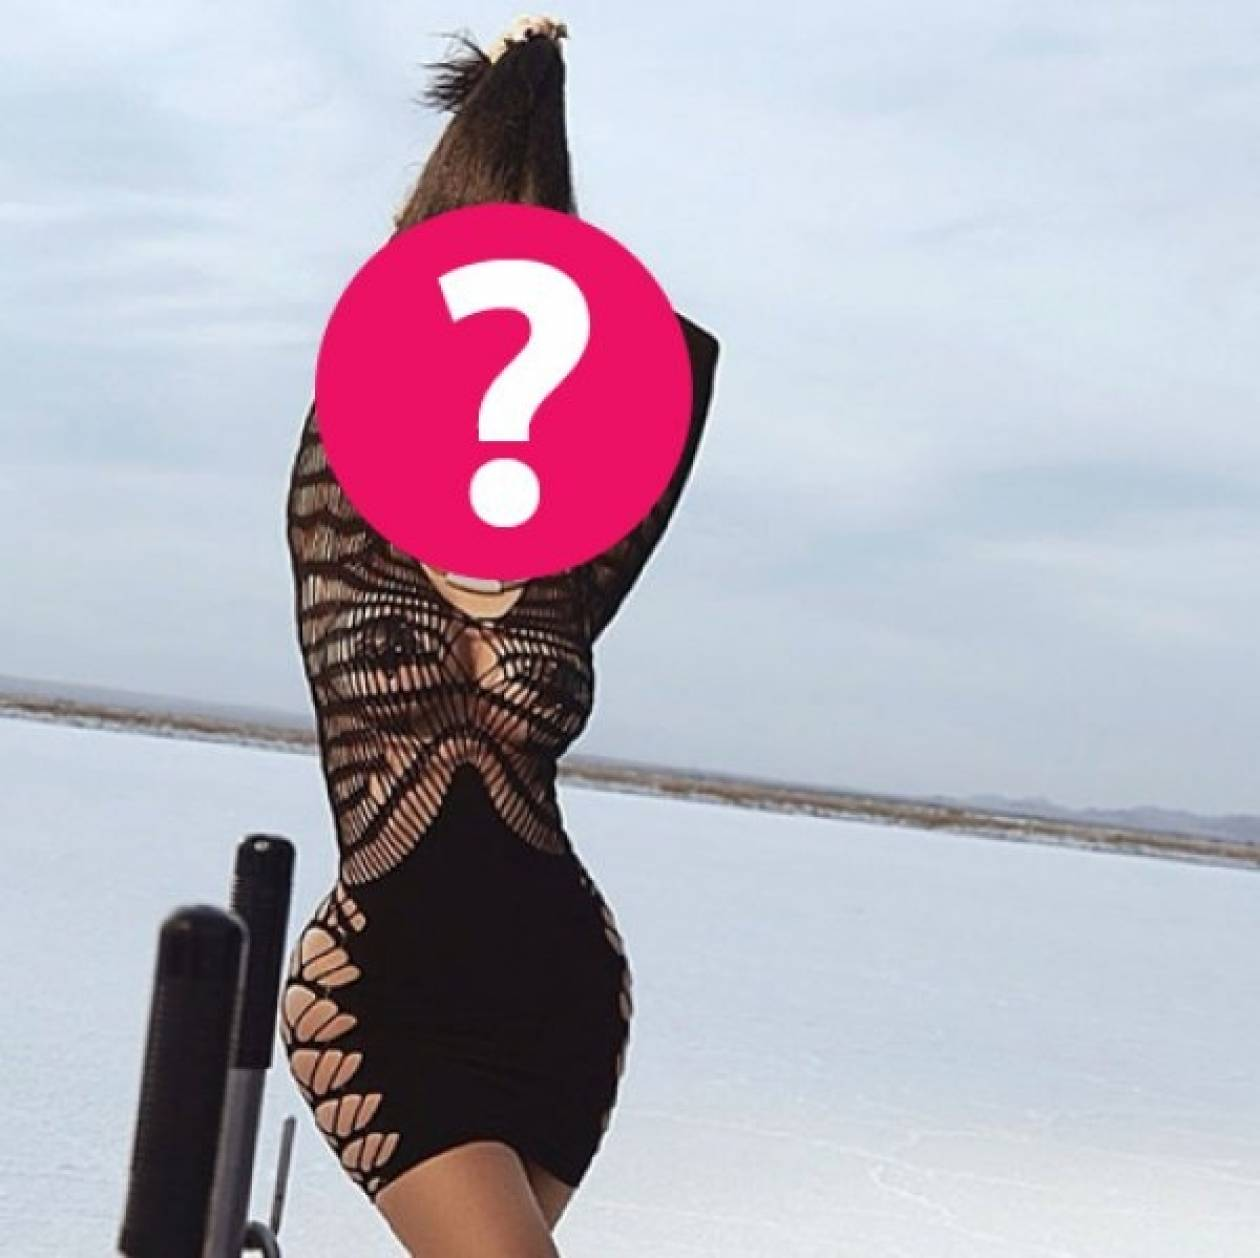 Το sexy φόρεμα που αφήνει ακάλυπτα τα επίμαχα σημεία